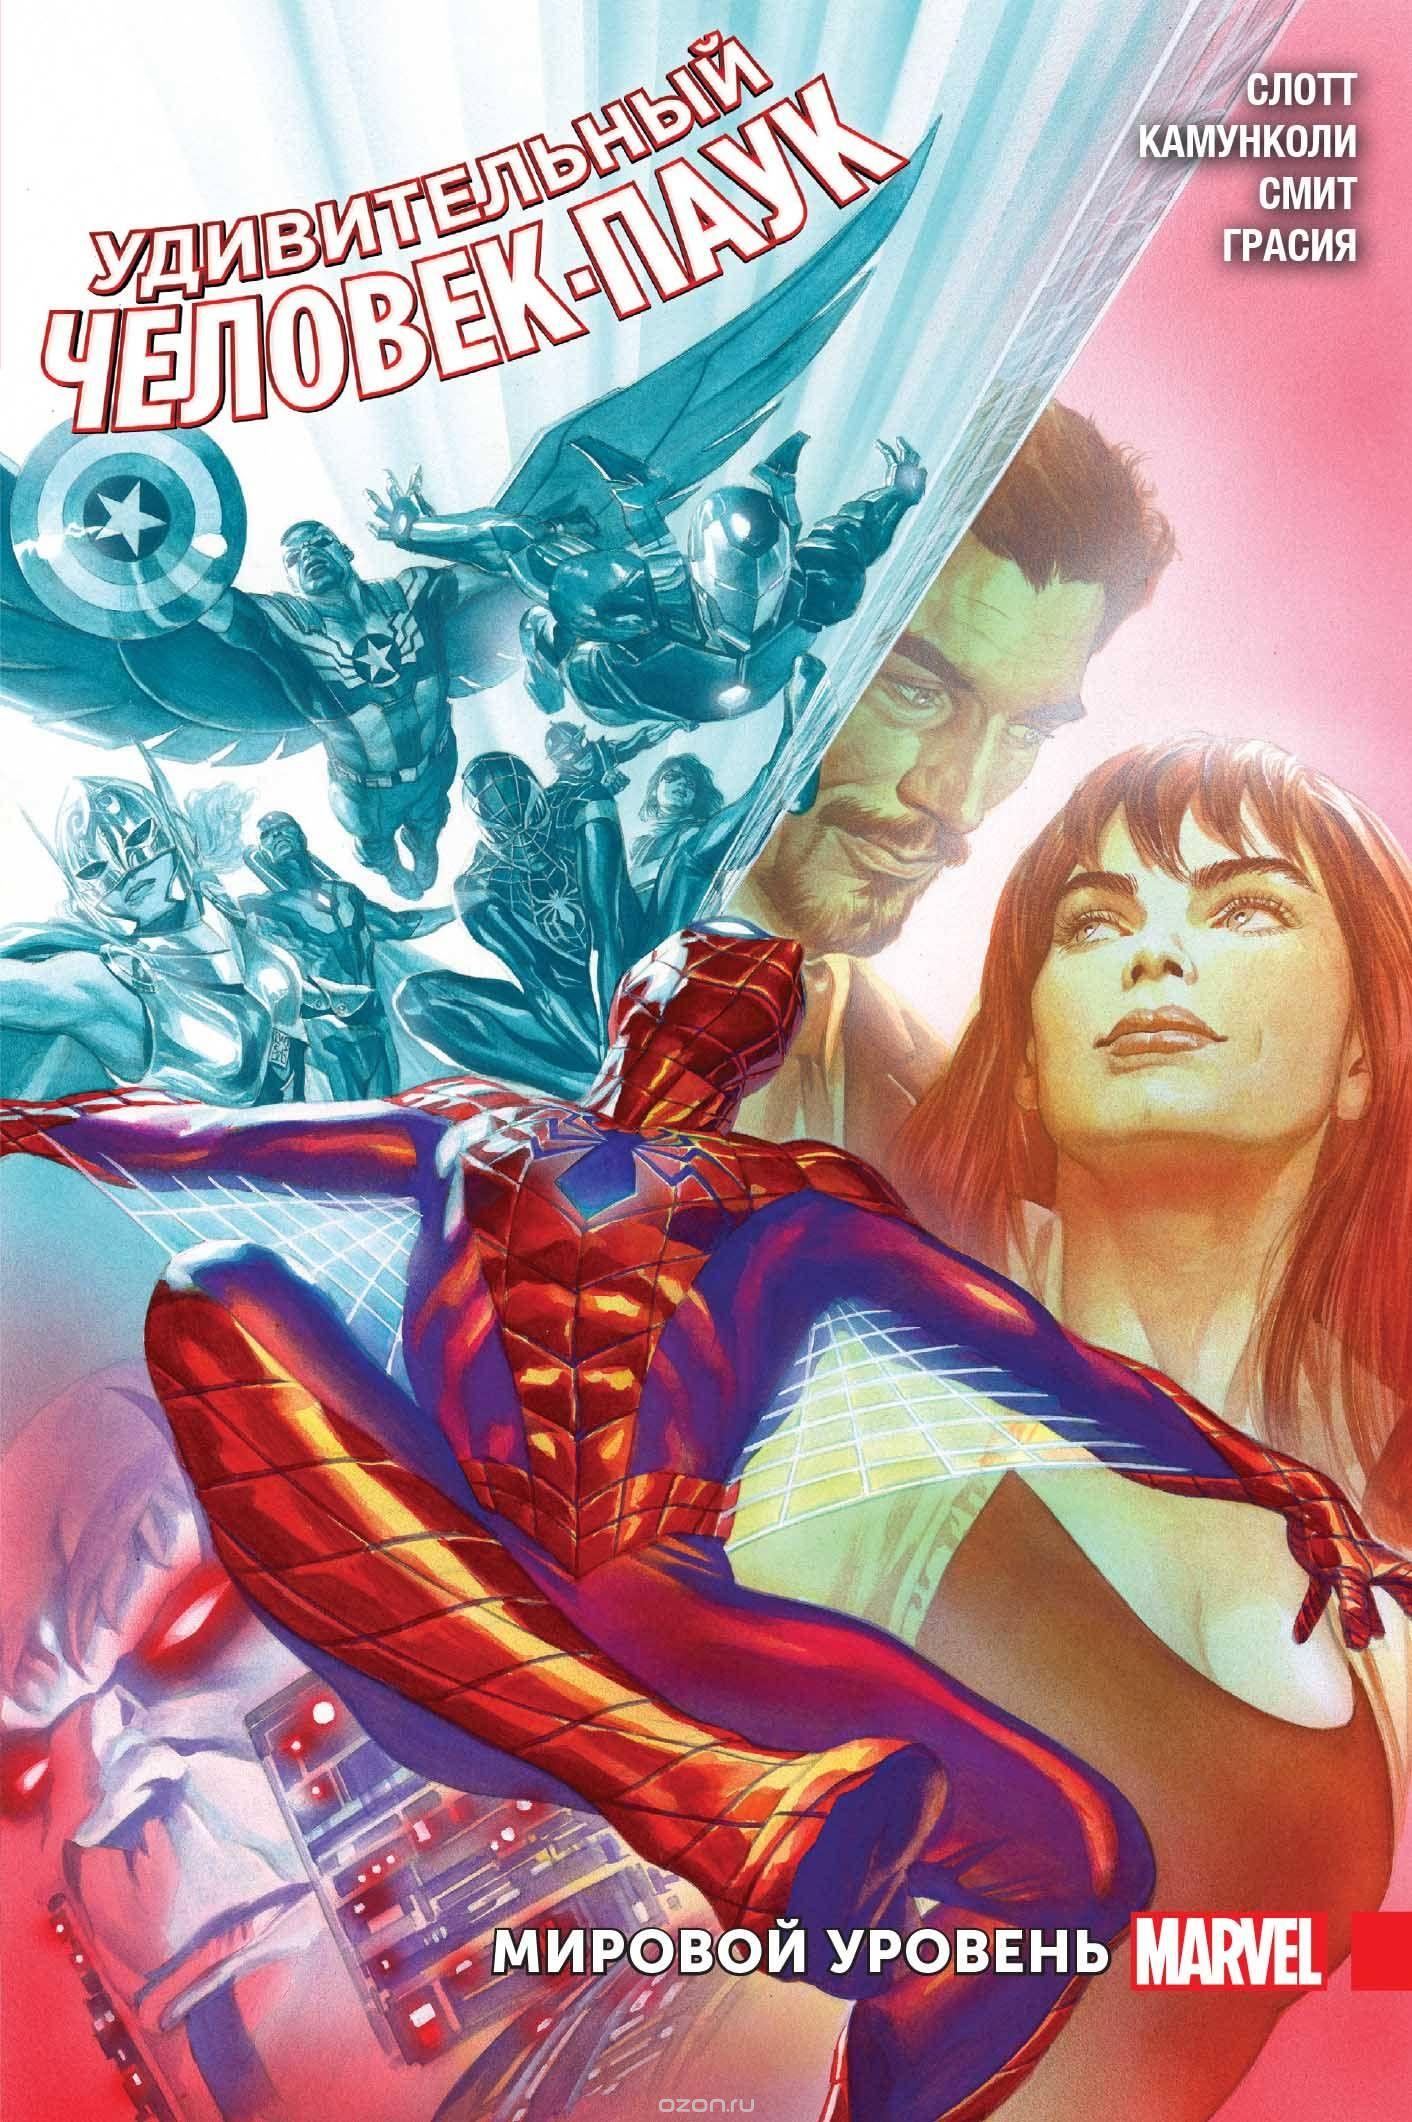 Книга на русском языке «Удивительный Человек-Паук. Мировой уровень. Том 3»